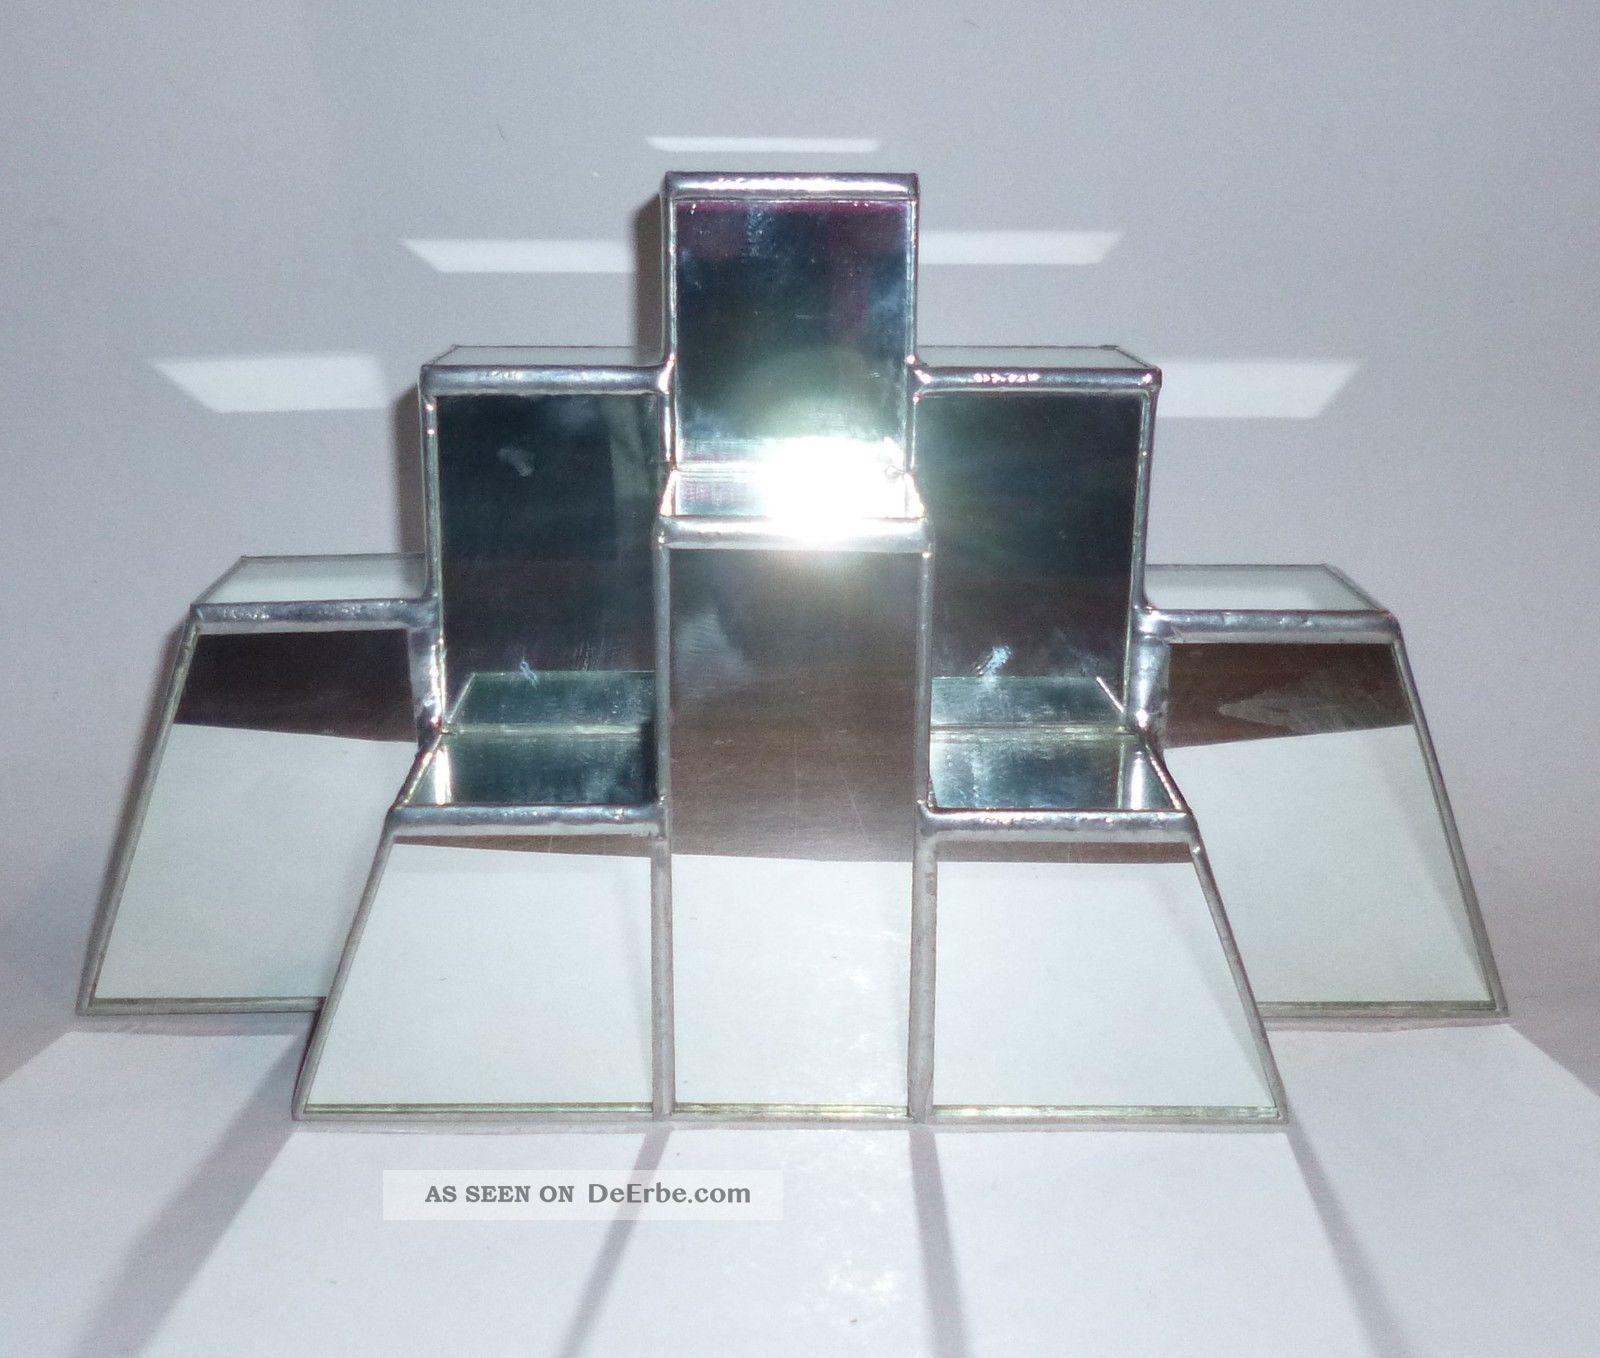 Spiegel Treppen glas spiegel pyramide bleiverglasung treppe sammler figuren etc